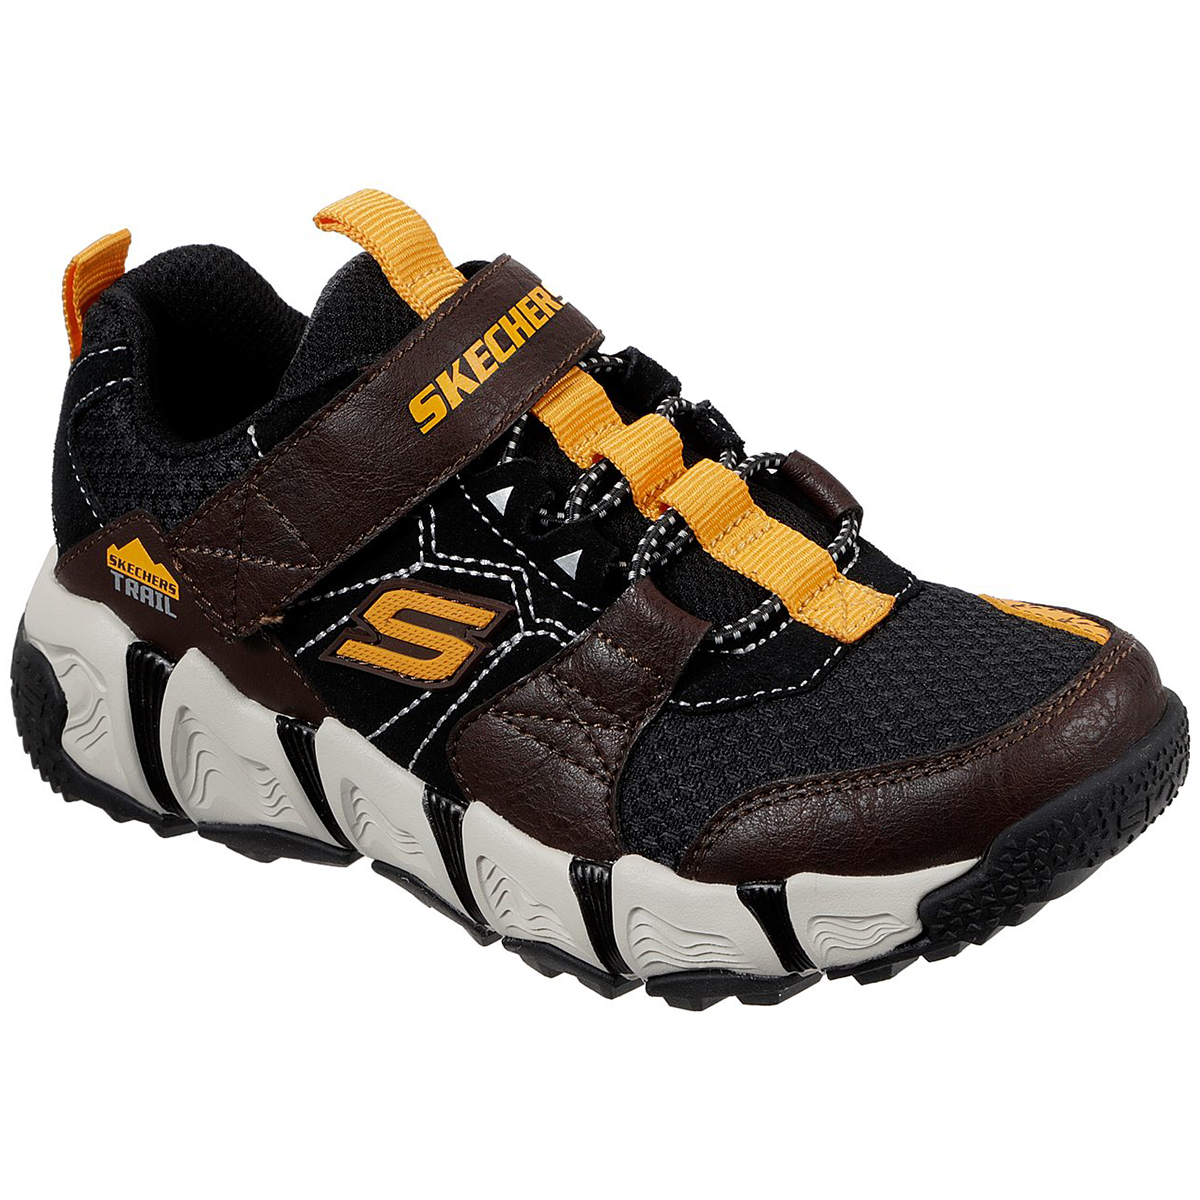 Skechers Boys' Velocitrek Sneakers - Brown, 3